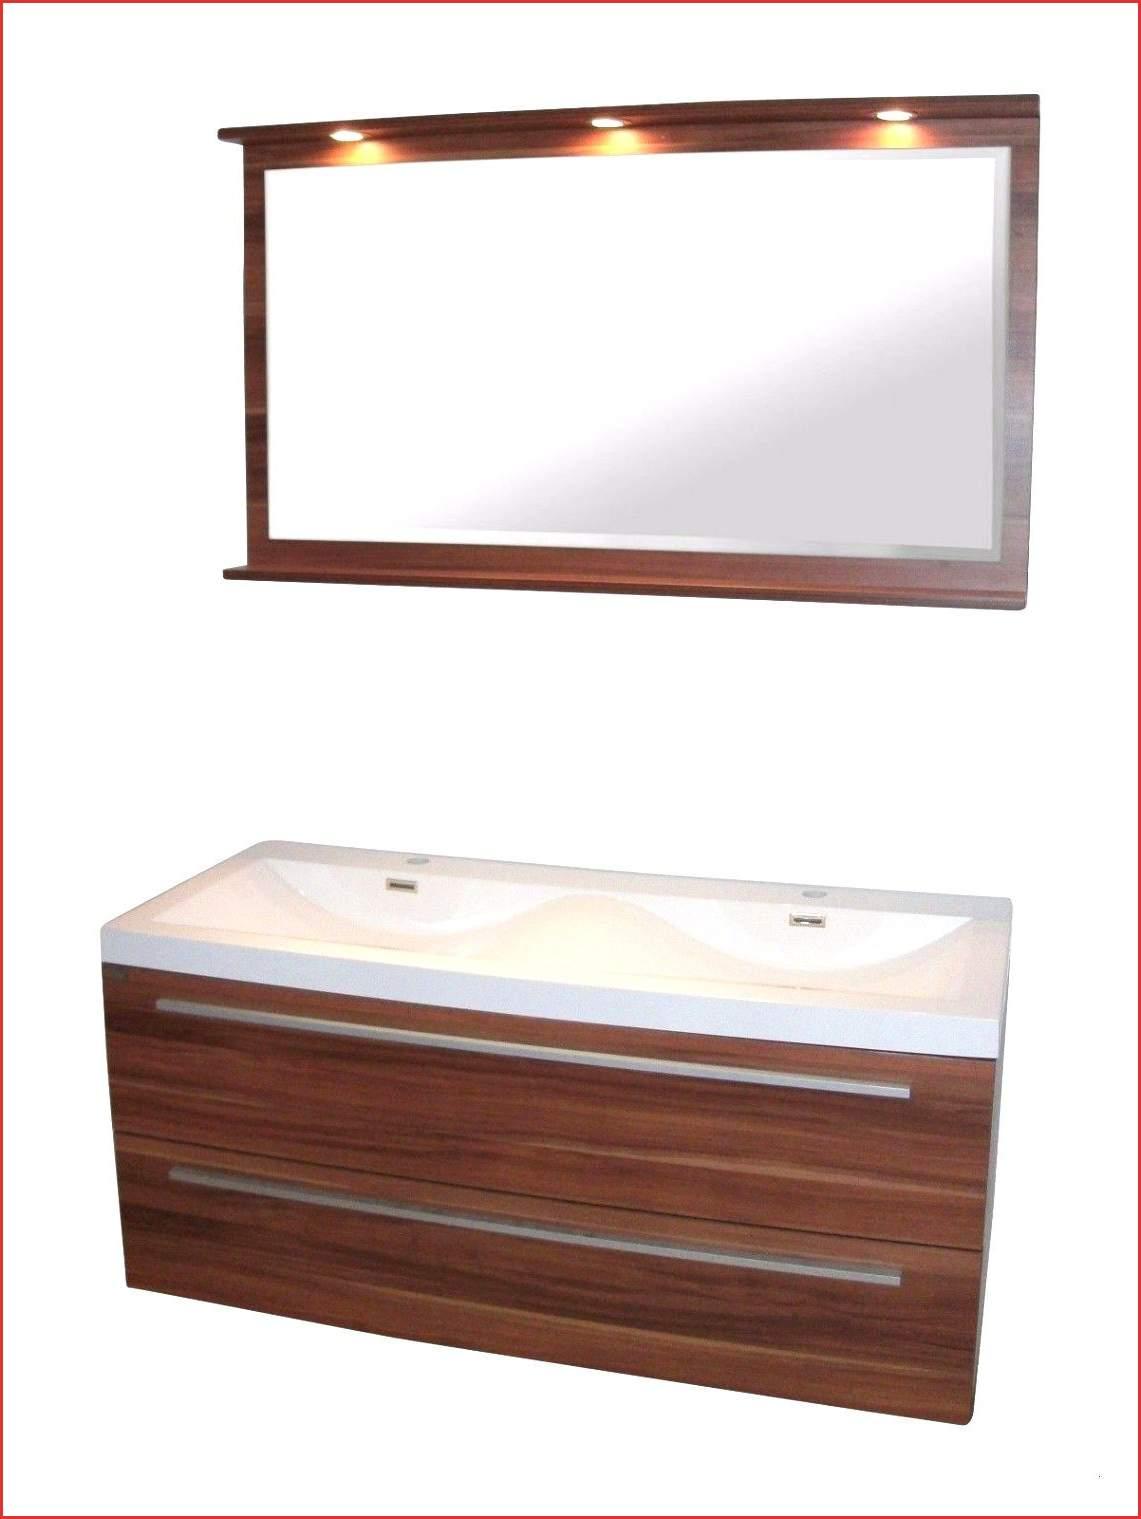 qo7 fener schrank inspirierend spiegel kleiderschrank mit von kleiderschrank aus stoff of kleiderschrank aus stoff